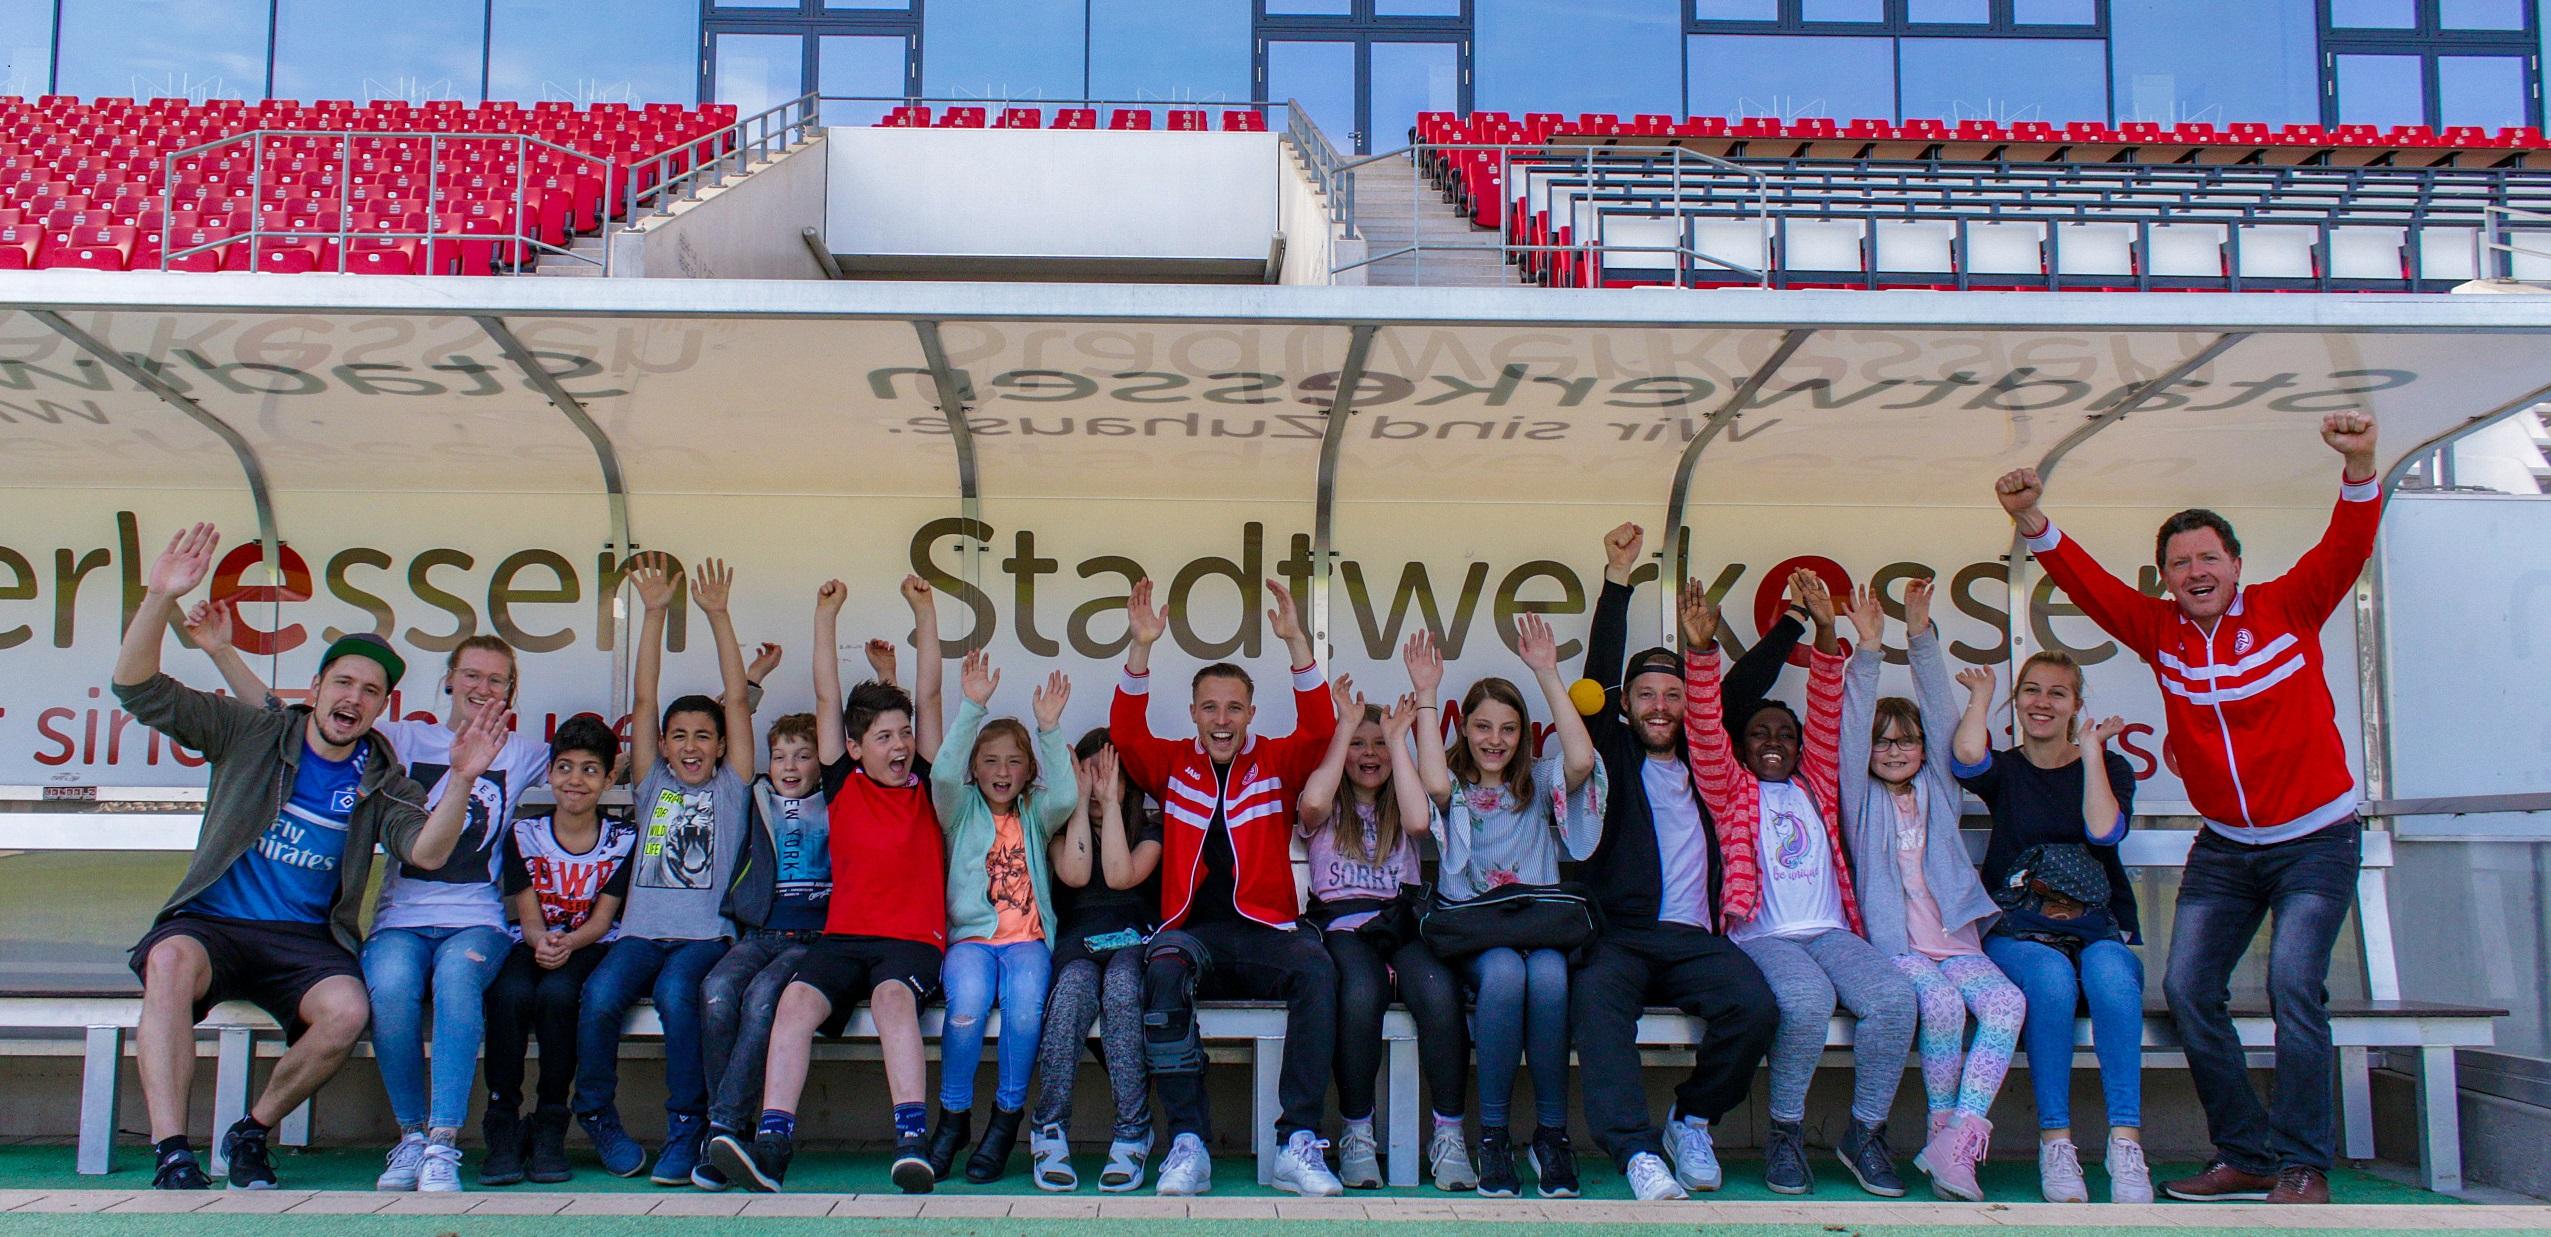 Florian Bichler von Rot-Weiss Essen zeigte den Kids Spielfeld, Presseraum und sogar die heiligen Kabinen der Mannschaft. (Foto: Müller/EC)